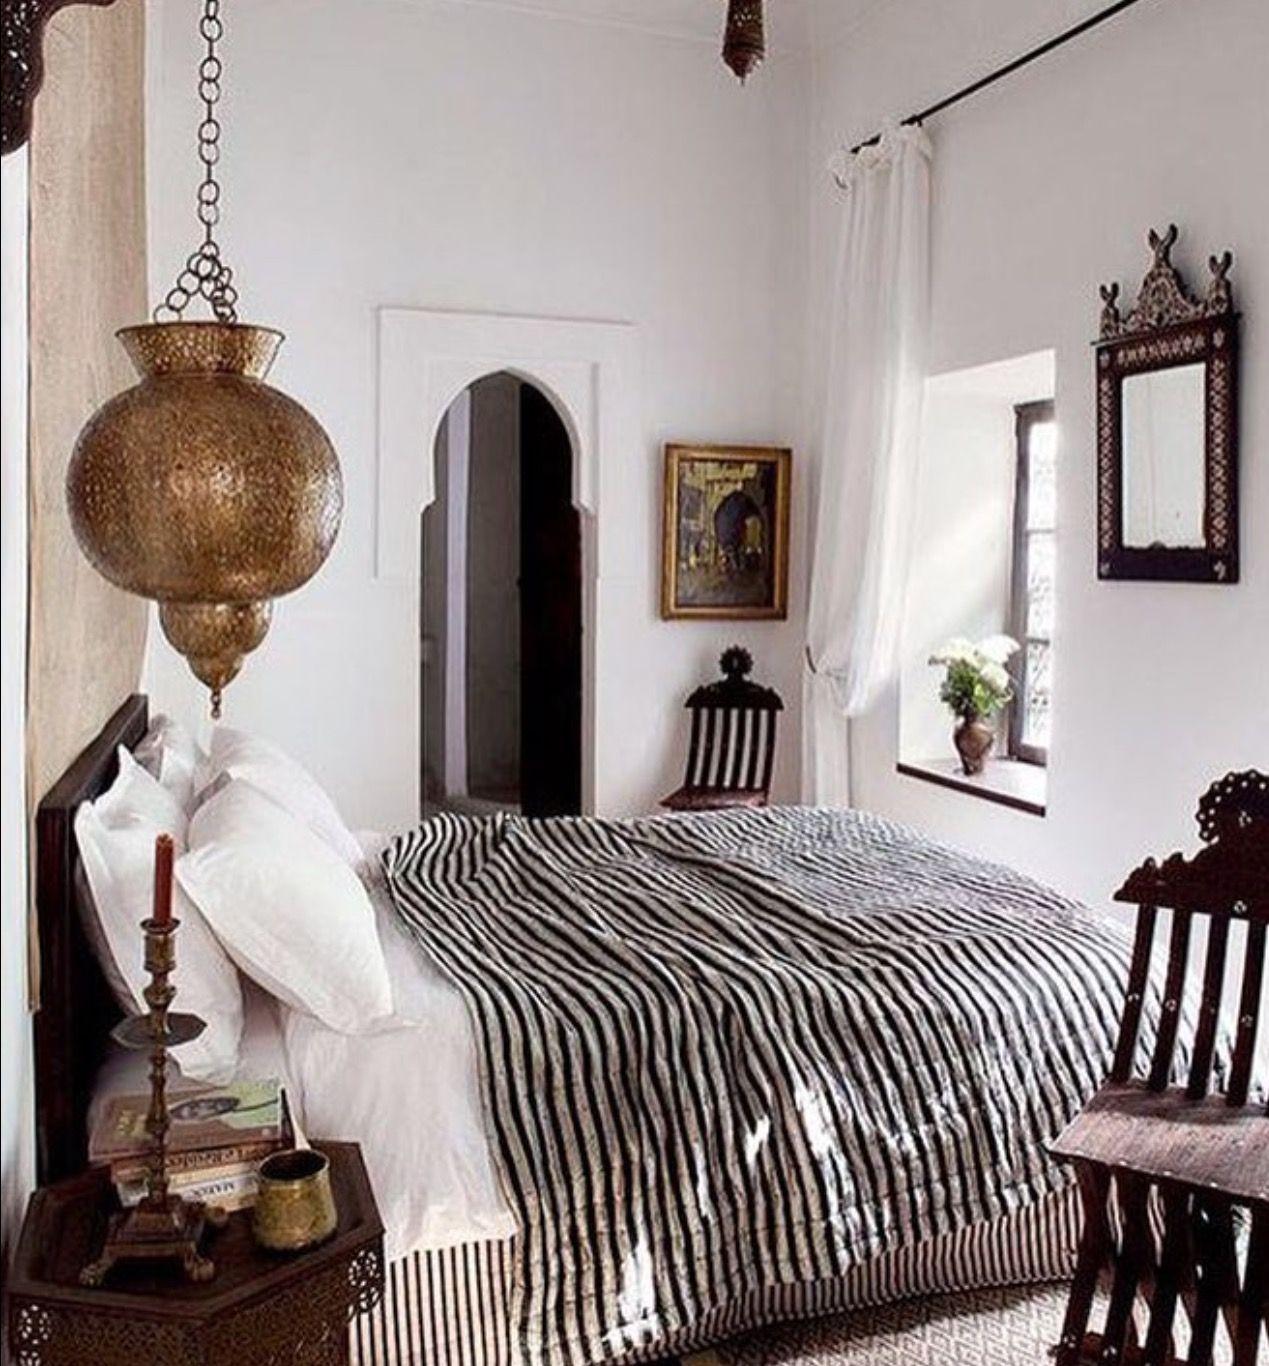 Dec marroqu e atemporal ropa de cama pinterest recamara dormitorios y dormitorio marroqu - Casas marroquies ...